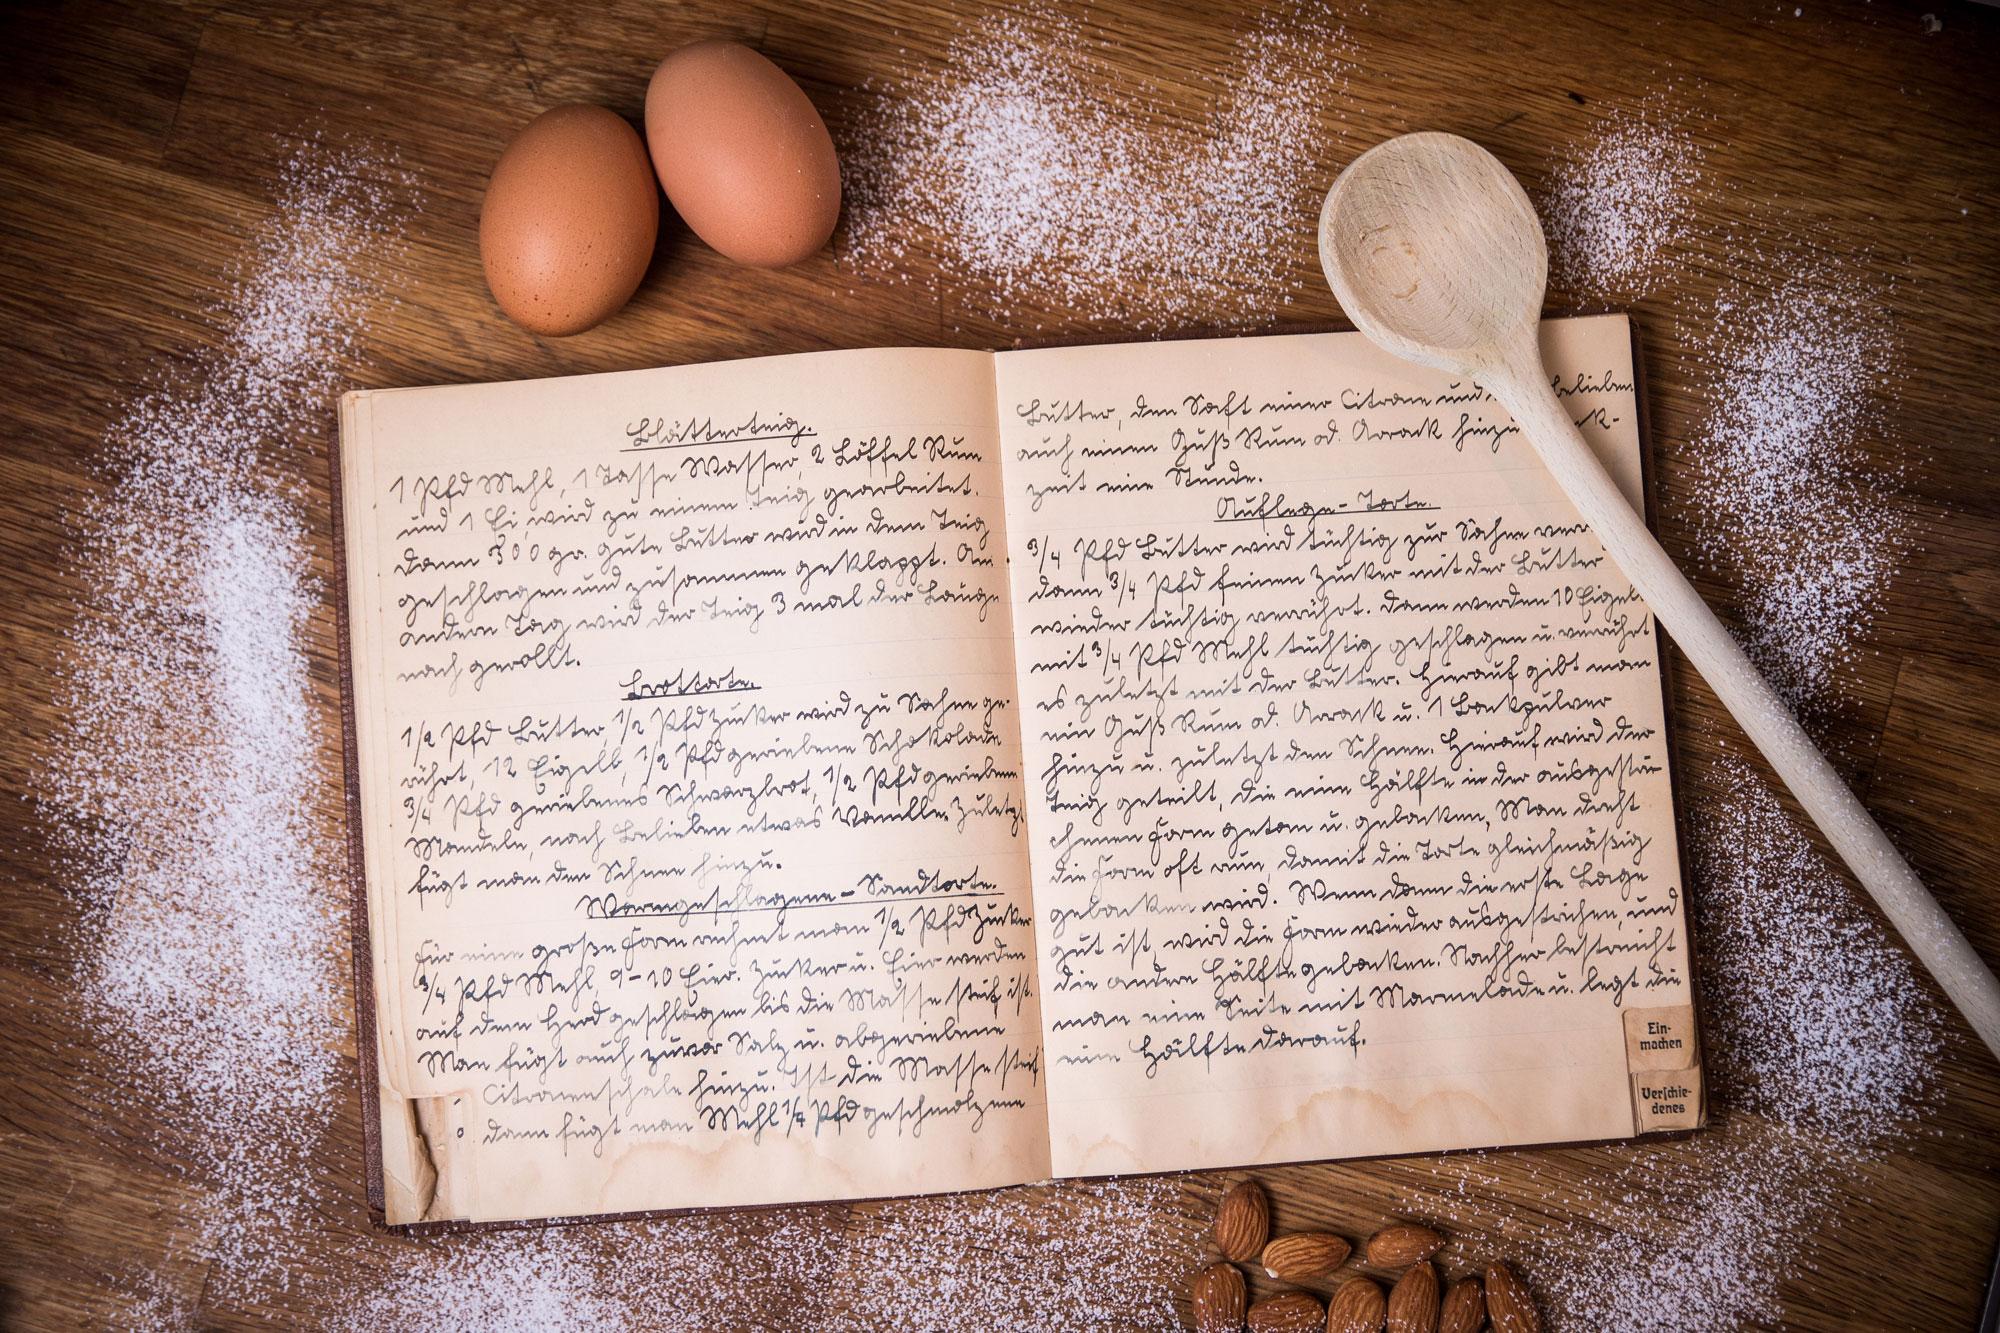 Altes Kochbuch, Sütterlin